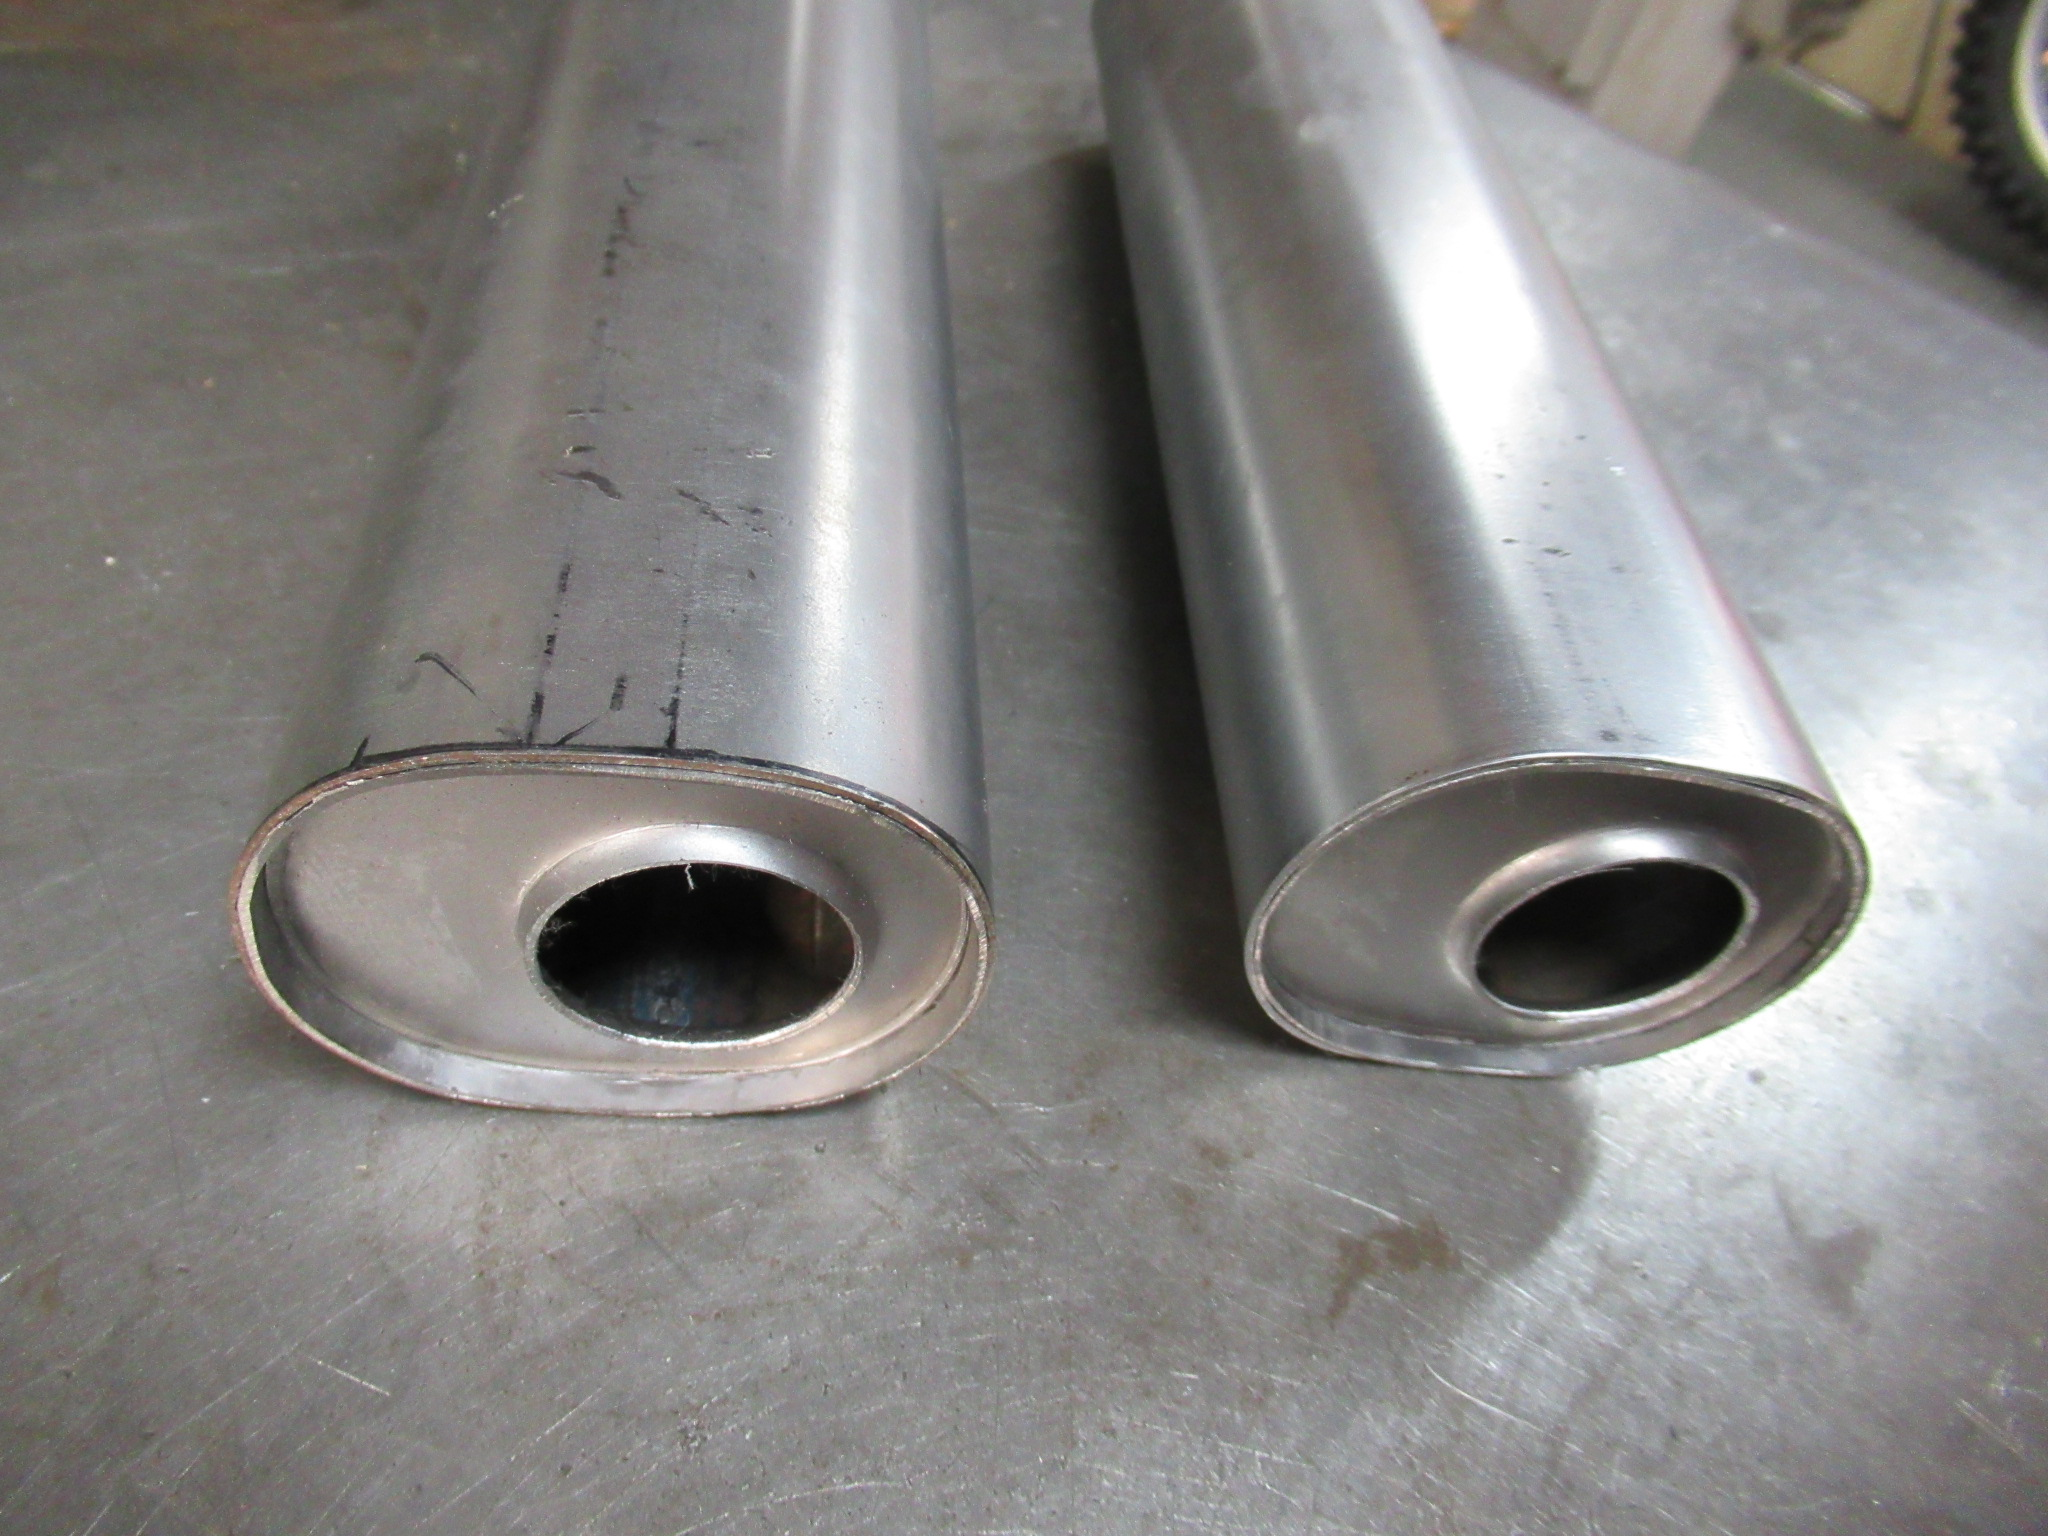 http://www.precious-factory.com/preciousfactory2010/IMG_0915.JPG